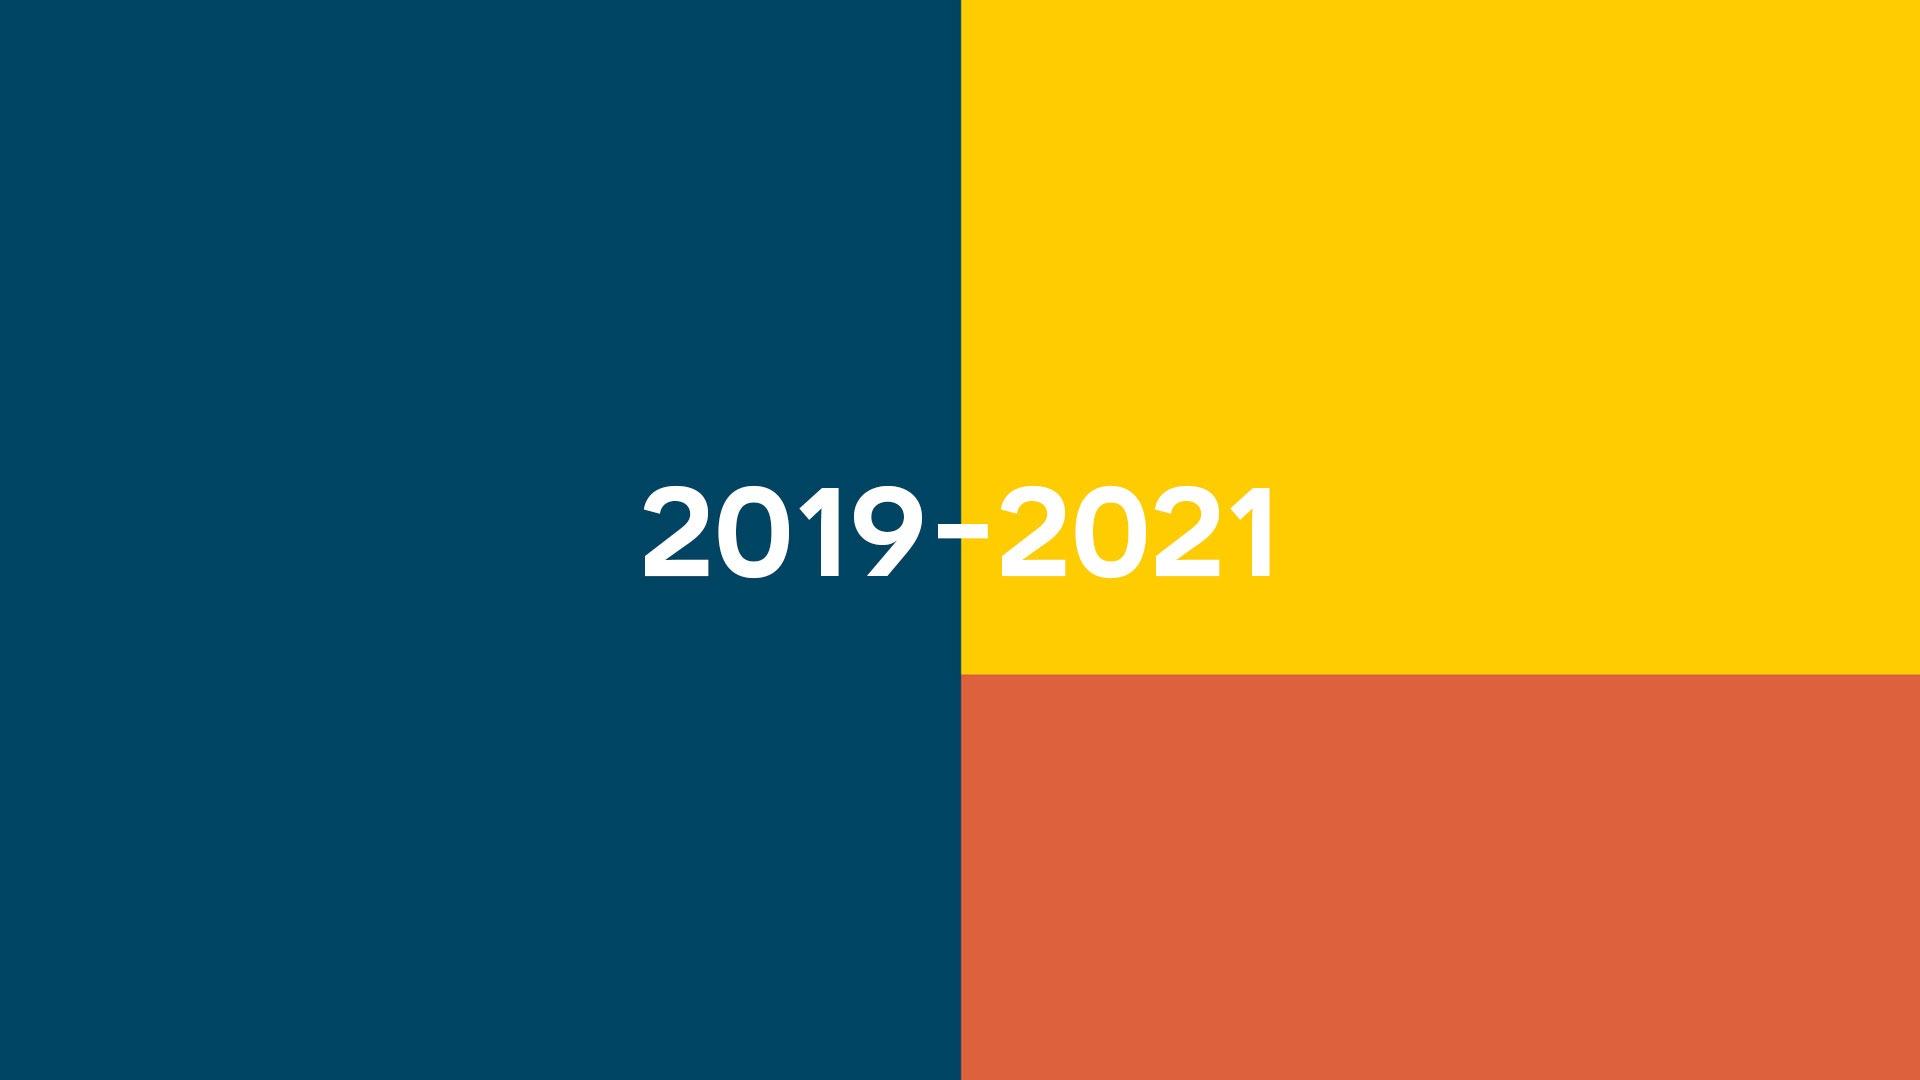 Logotypes 2019-2021